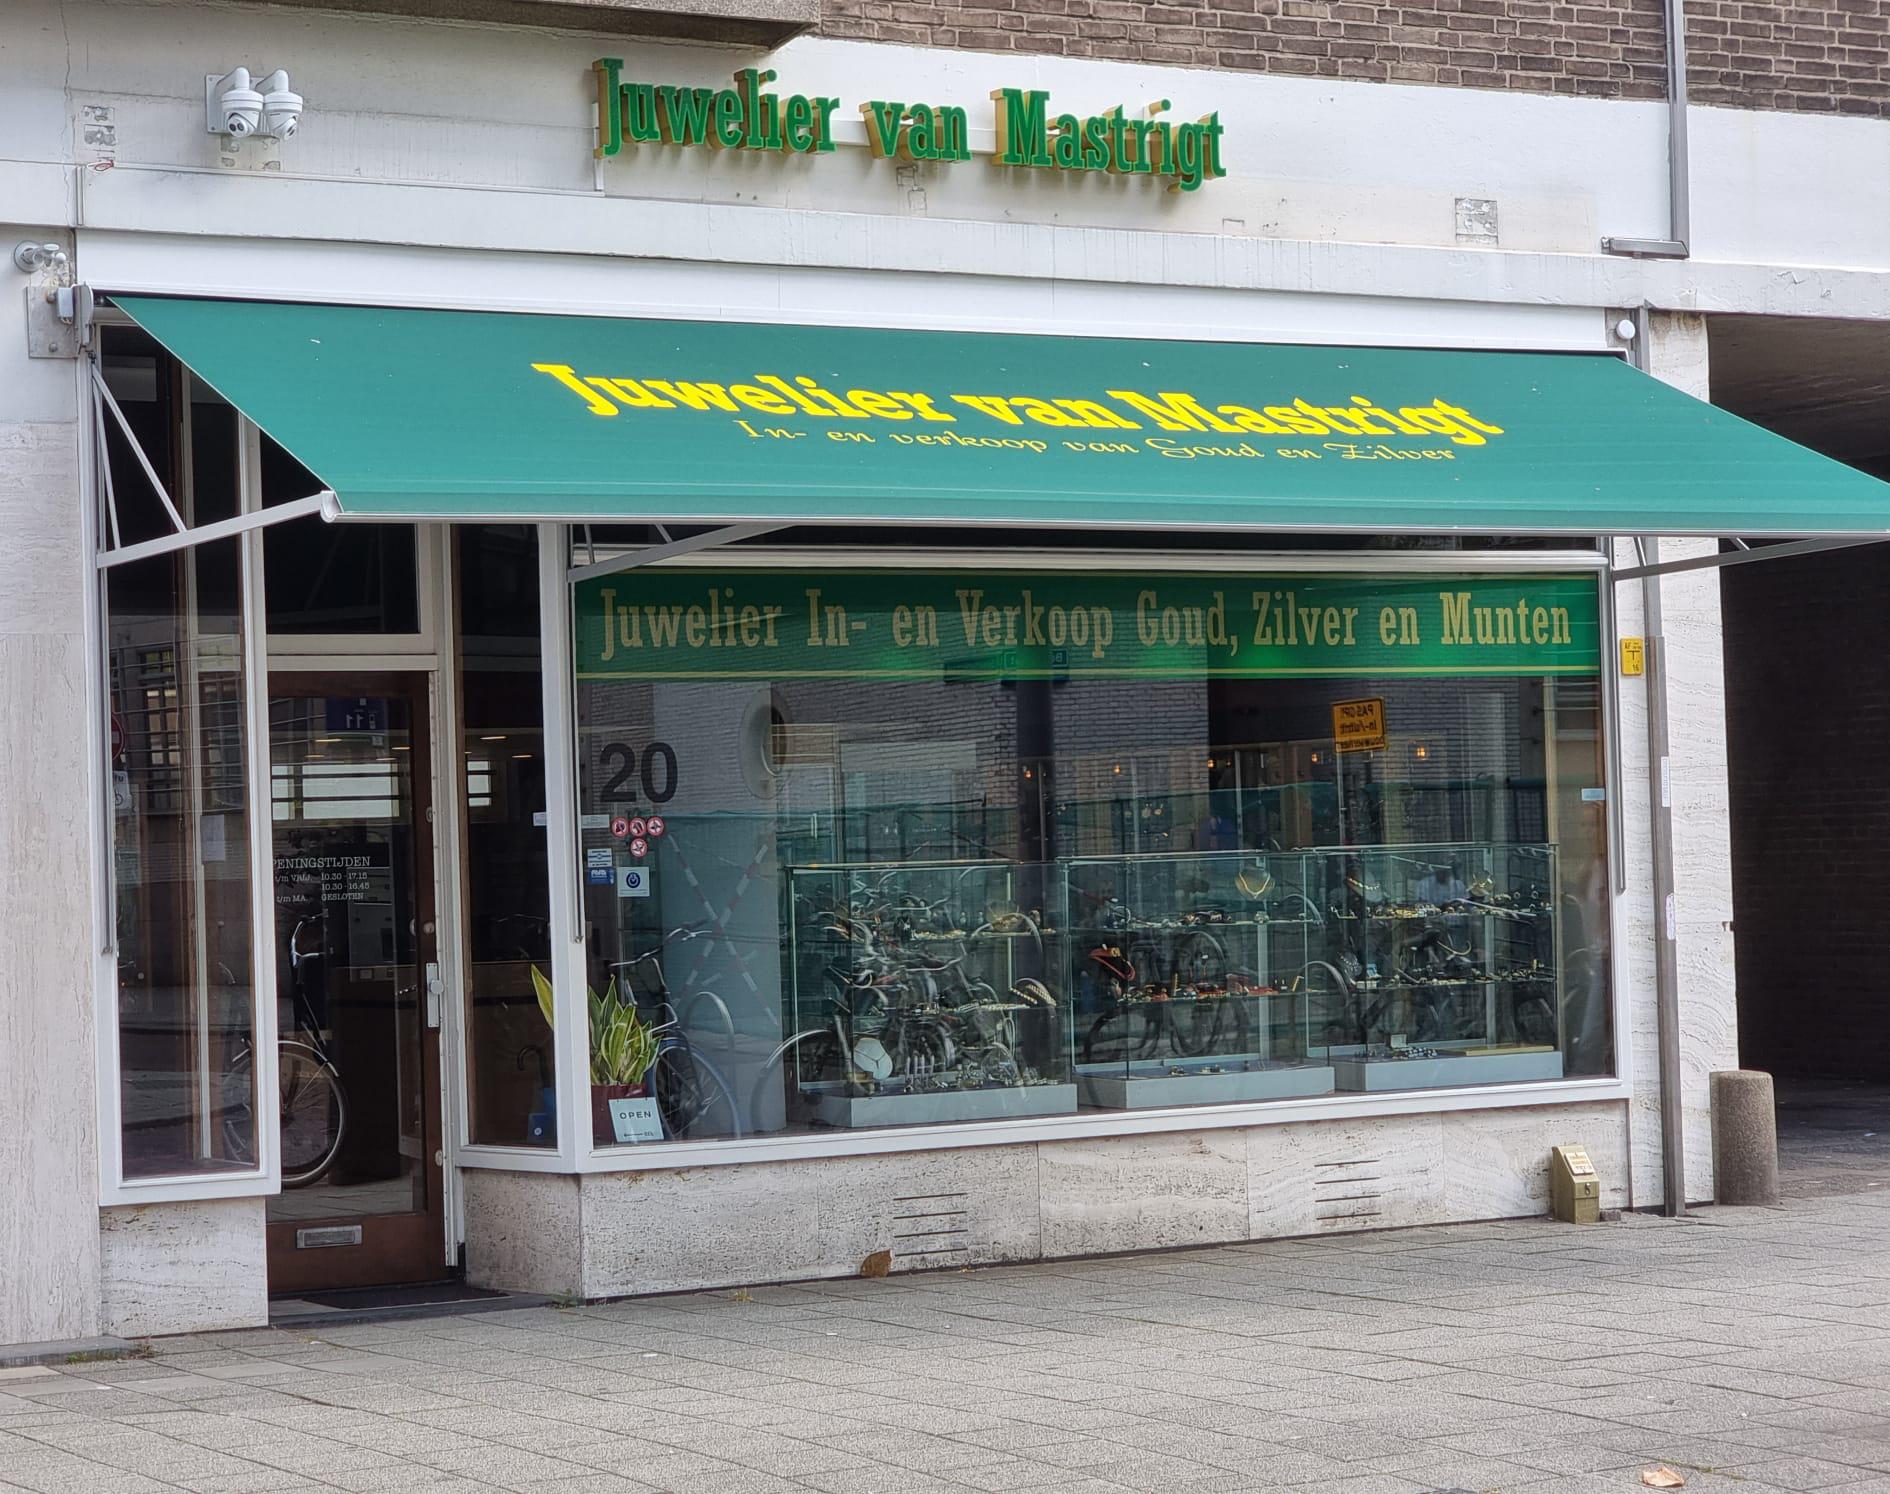 Winkel van FA. J. Van Mastrigt